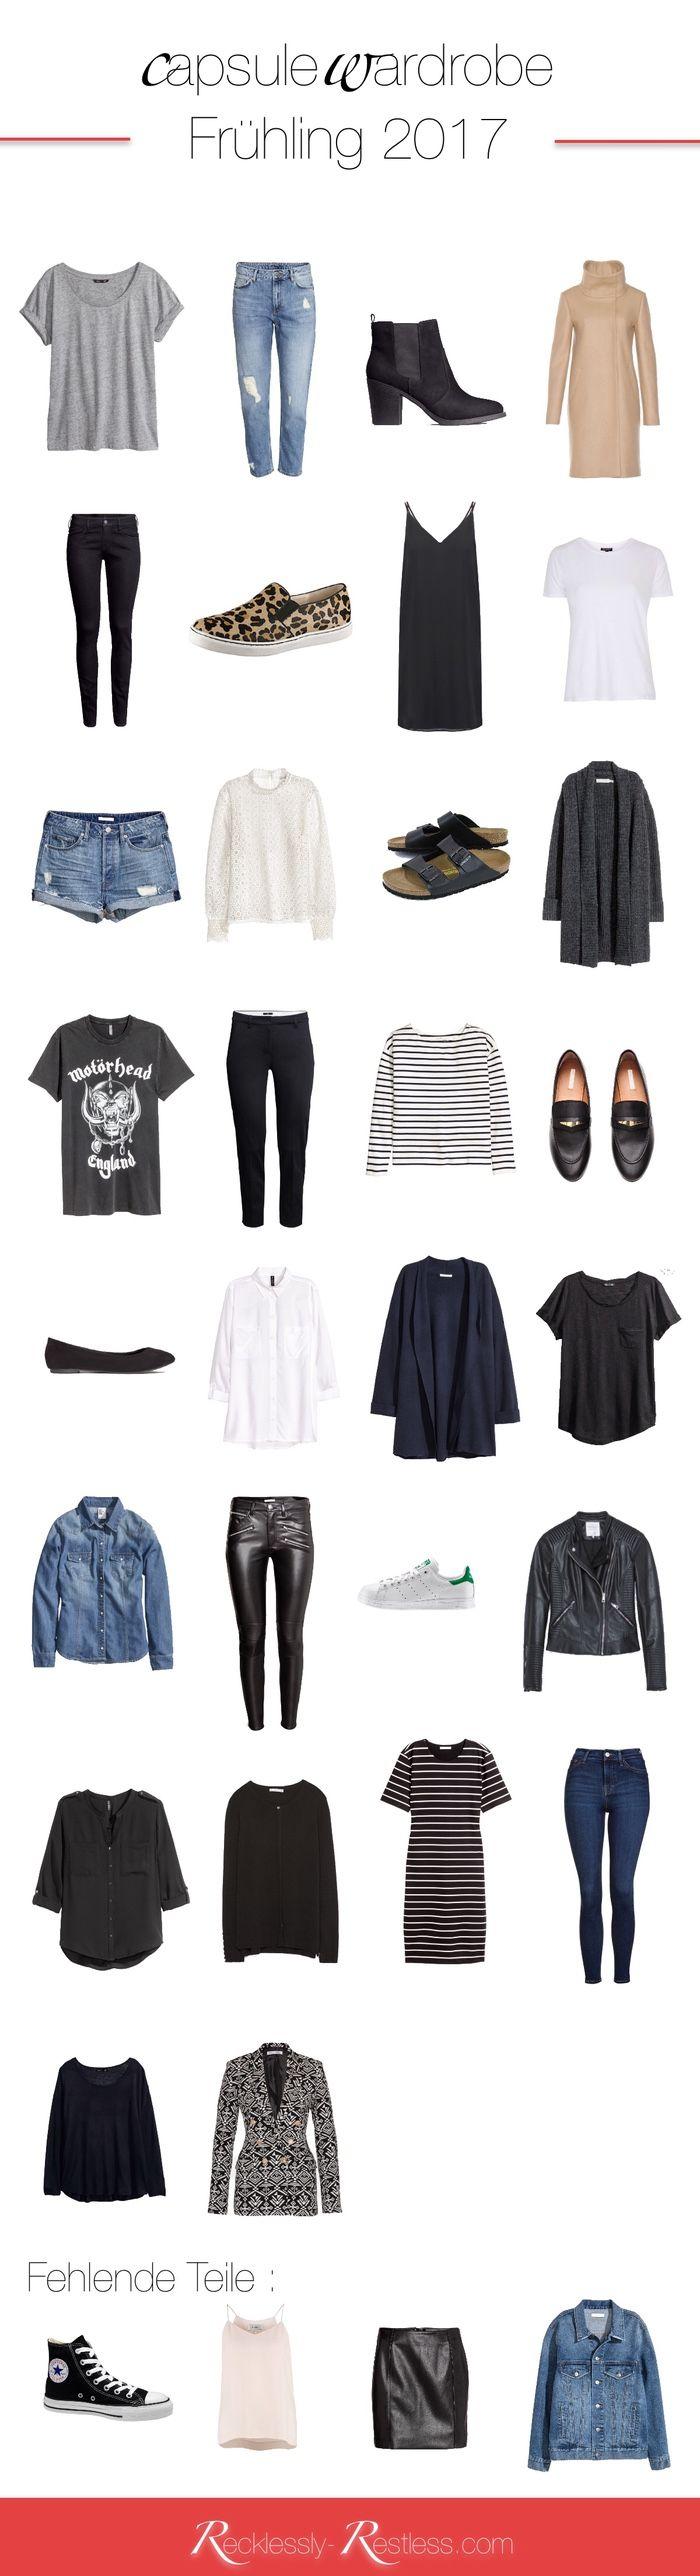 Spring Capsule Wardrobe 2017 - Meine Garderobe für den Frühling